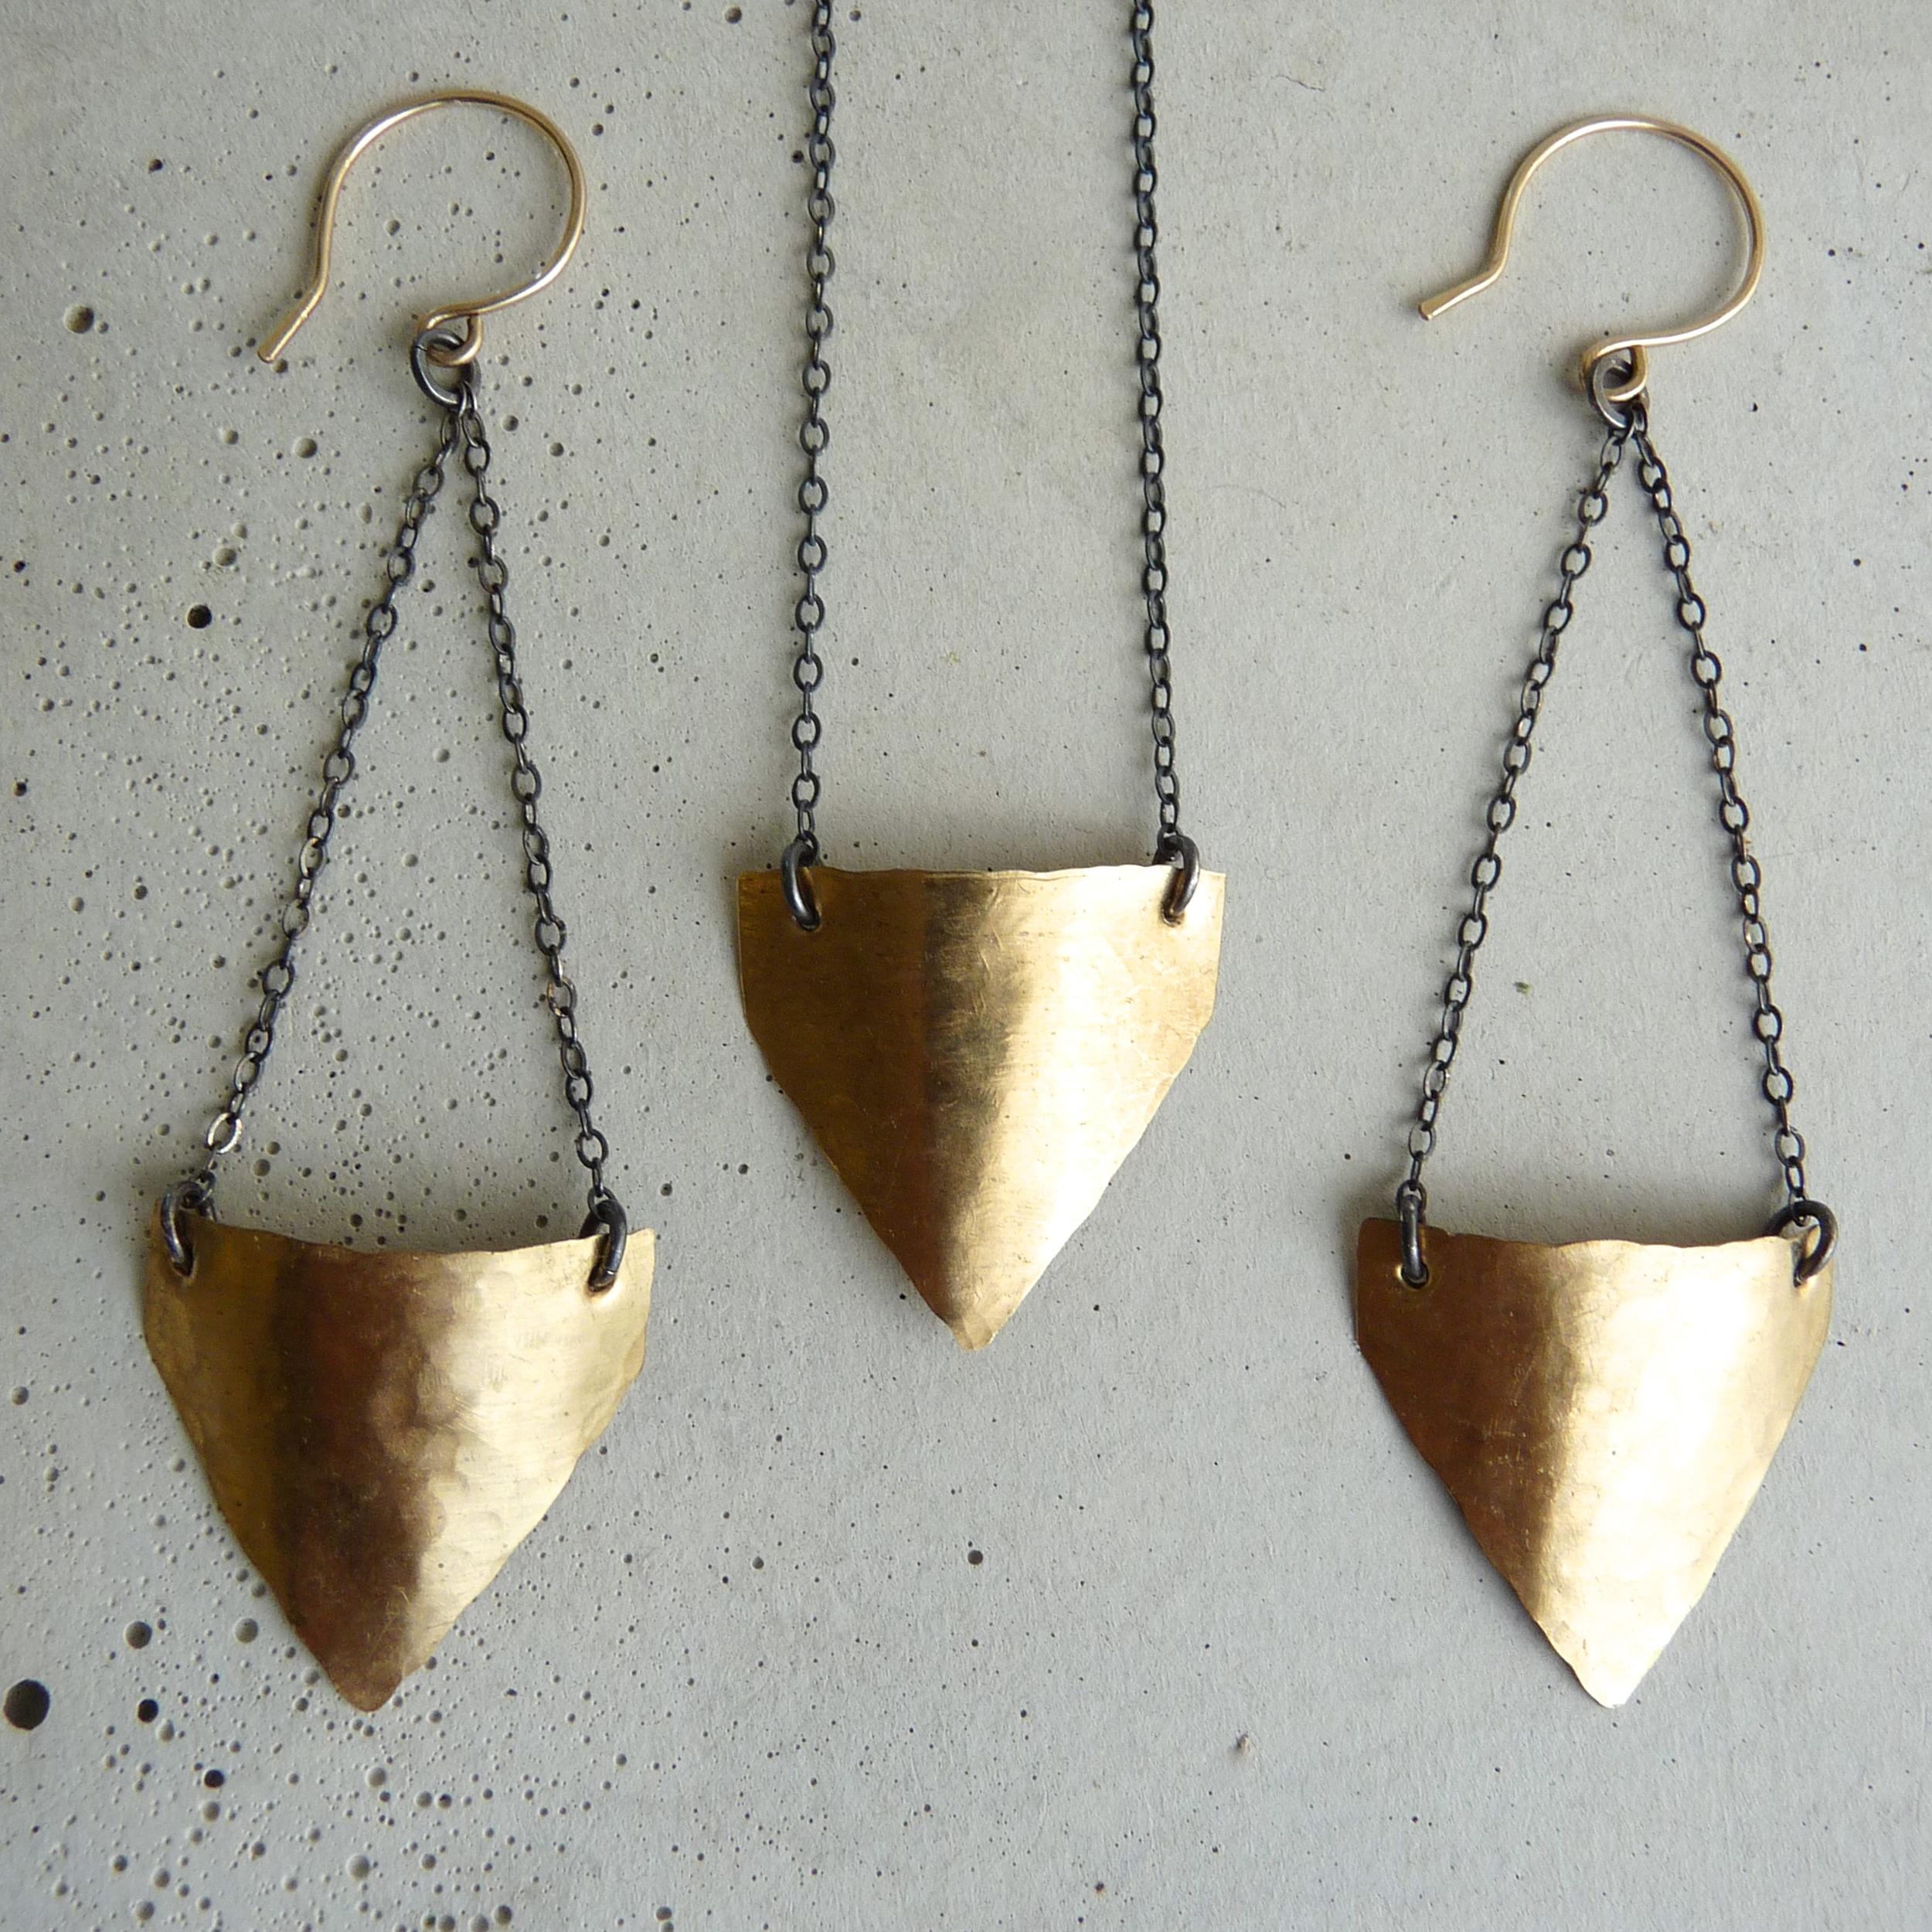 SPADE necklace & earrings